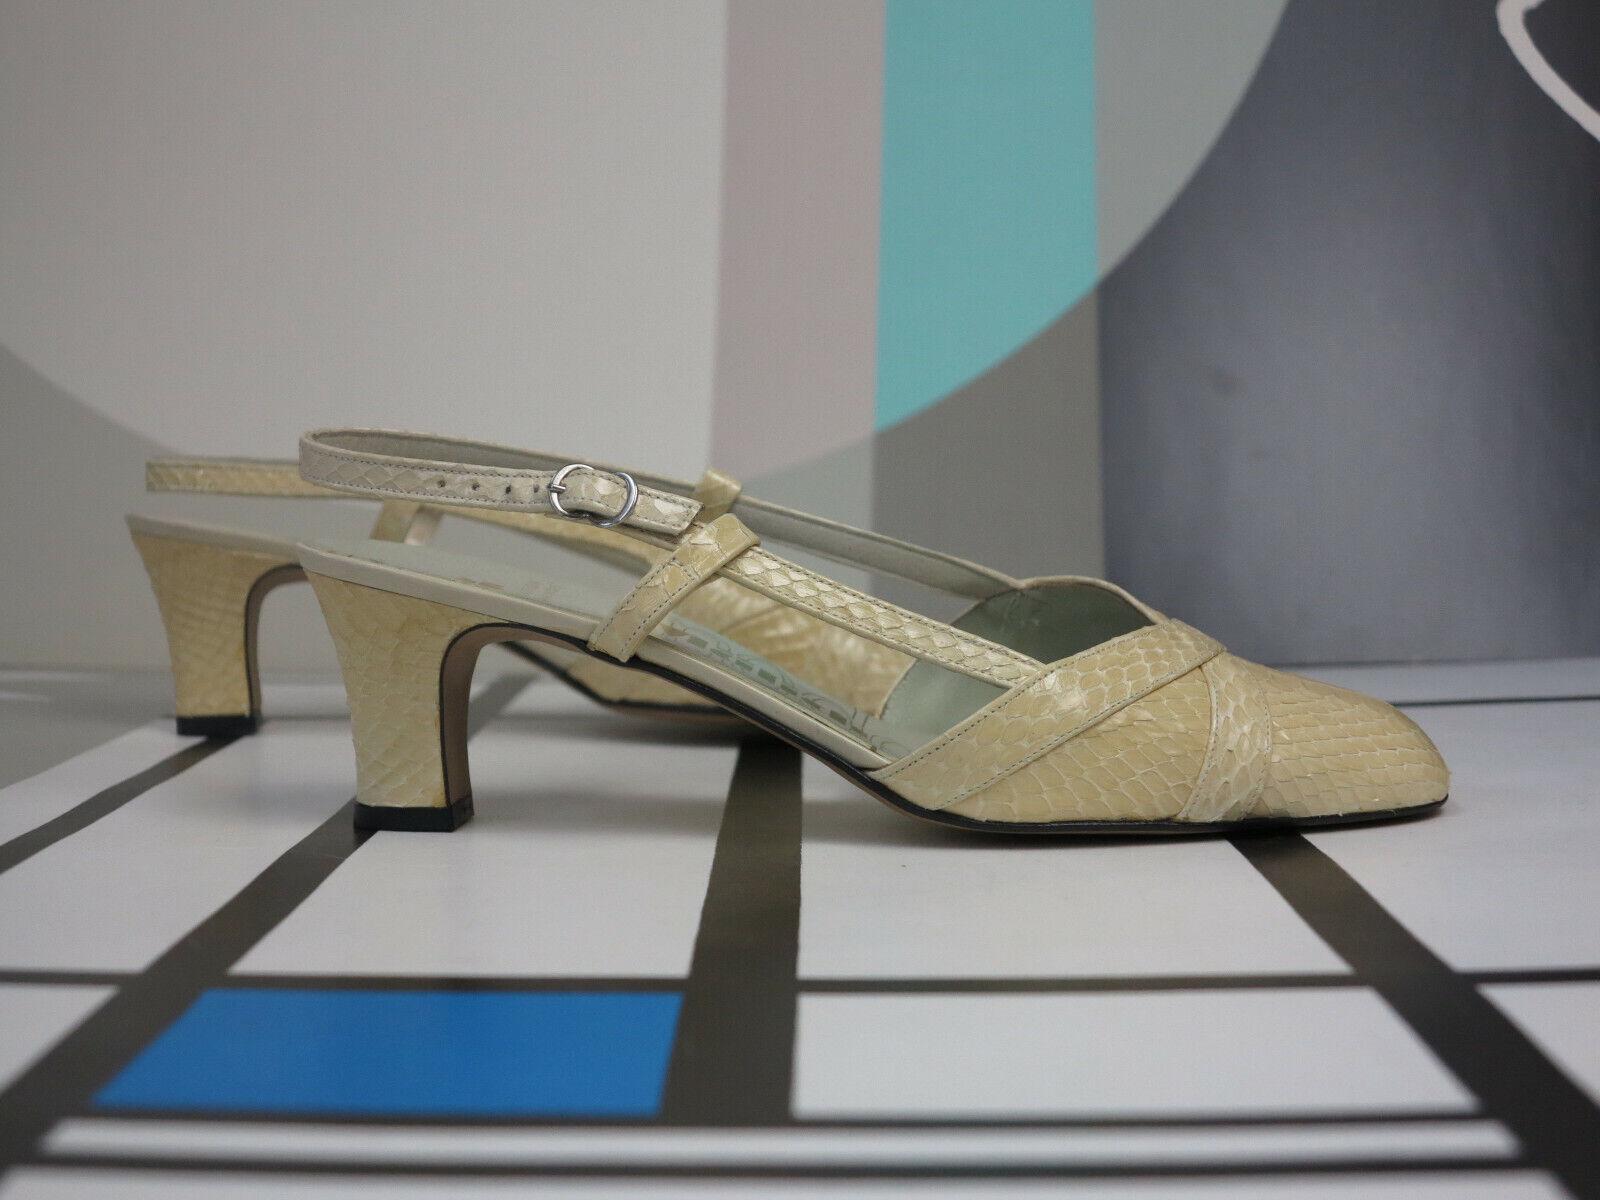 risparmia fino al 70% Mälich Scarpe Donna Sandali Pumps 80er True True True Vintage 80s donna scarpe BEIGE NOS  merce di alta qualità e servizio conveniente e onesto